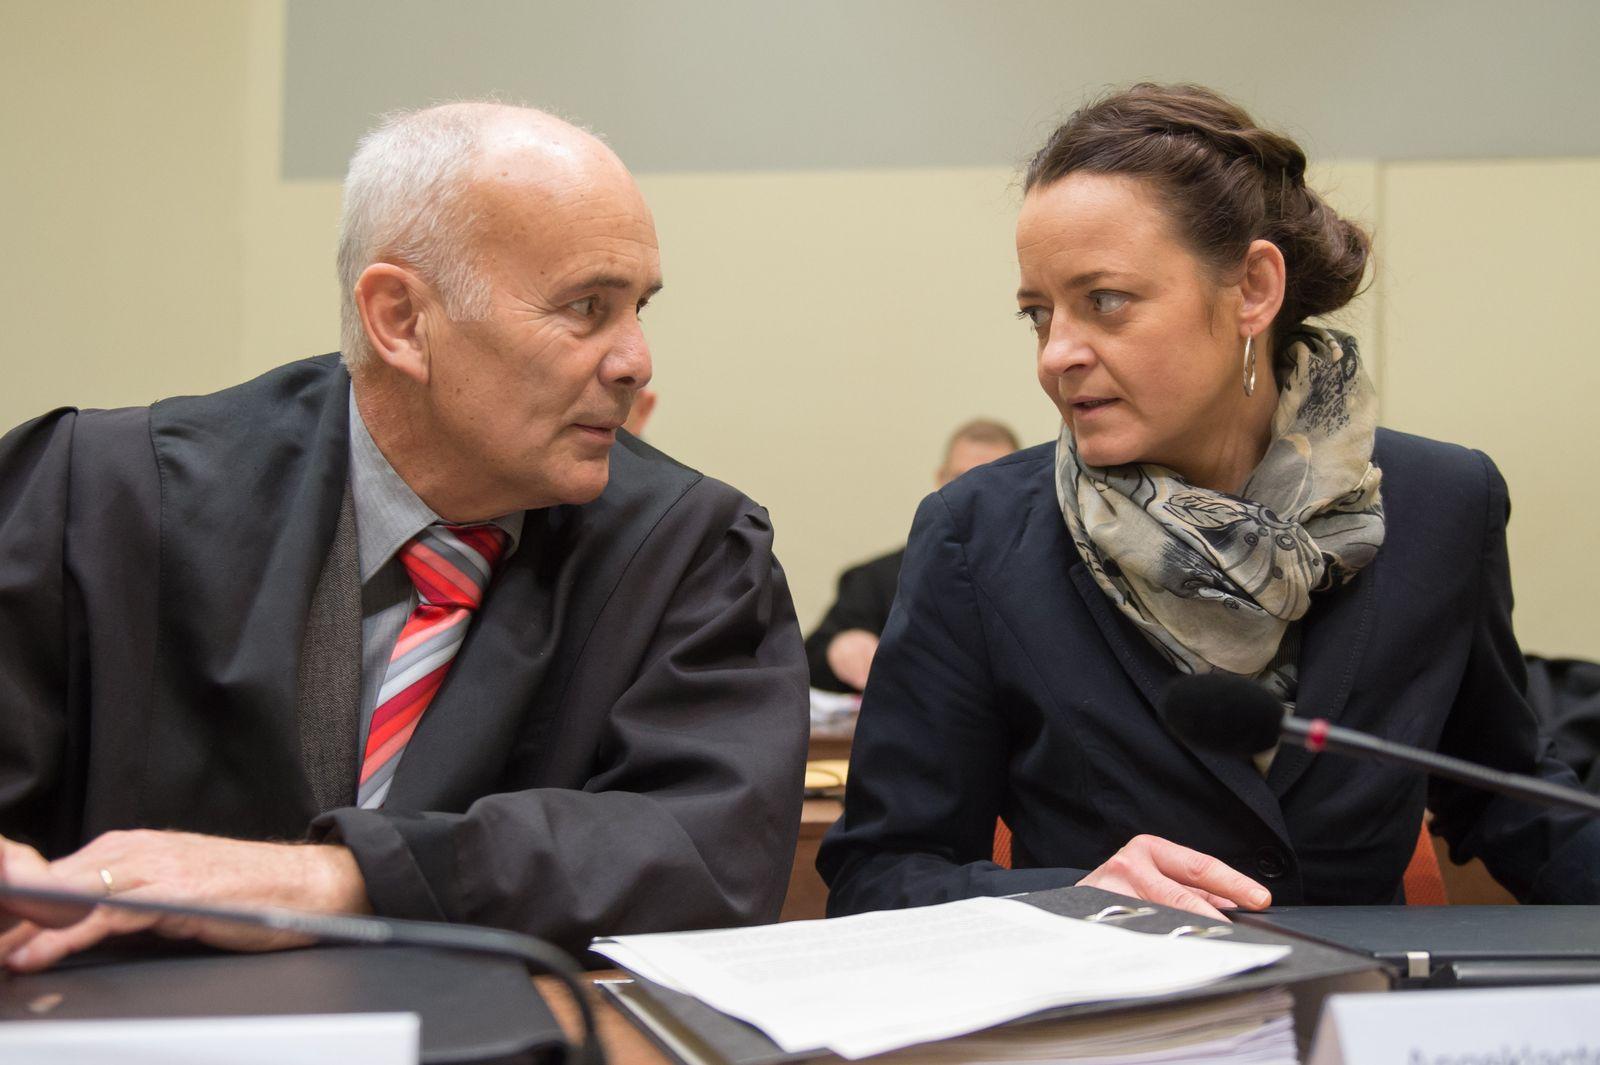 NSU-Prozess Borchert Zschäpe